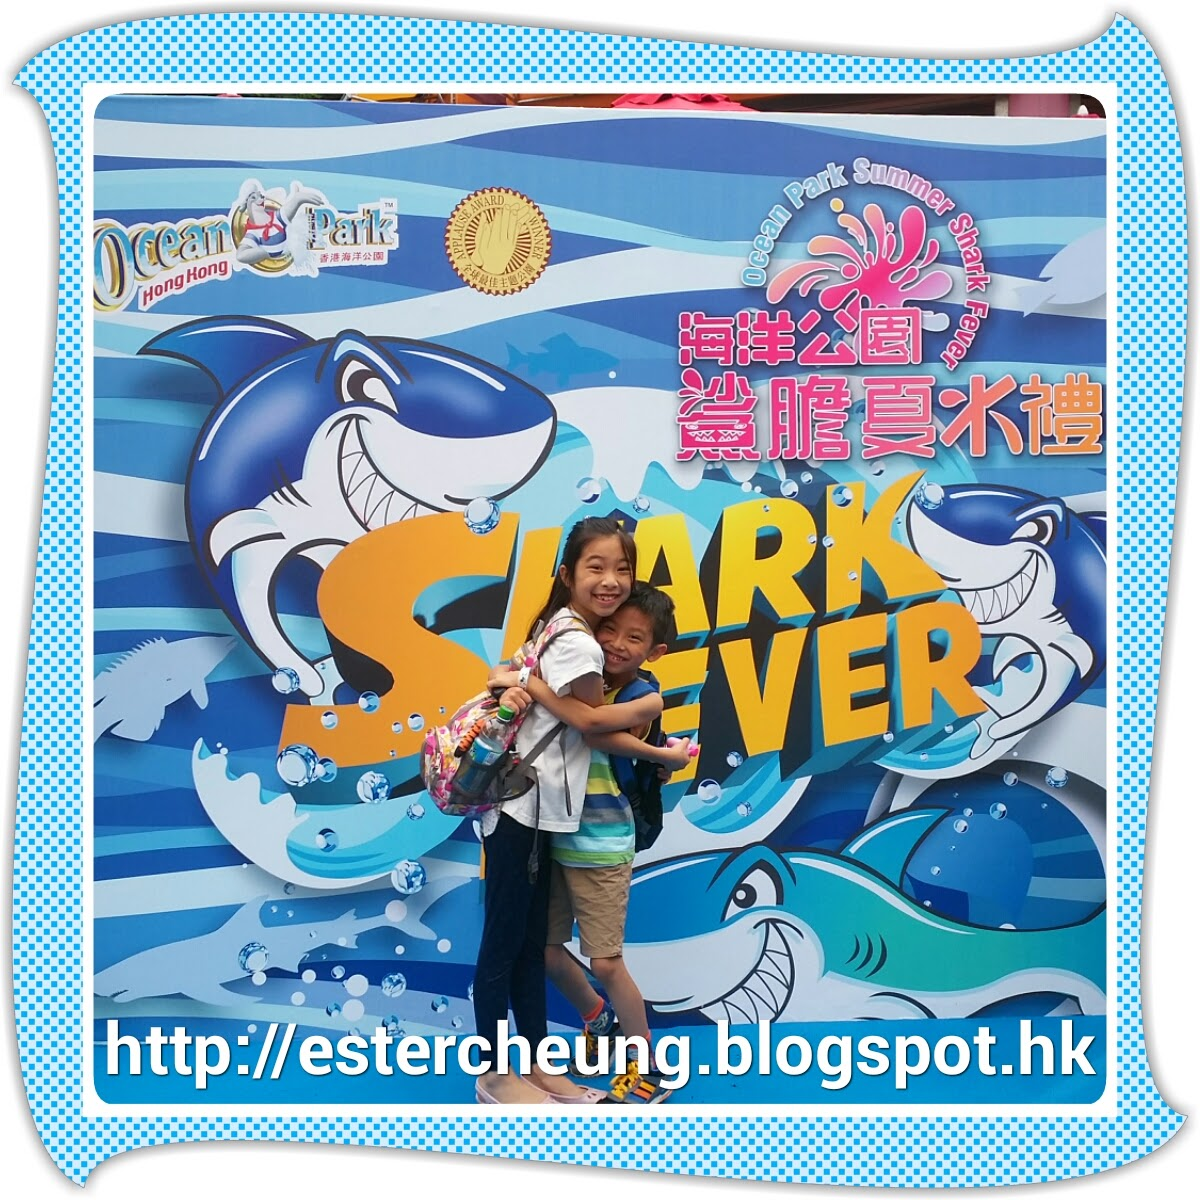 海洋公園玩水專區 ♡ 鯊膽夏水禮 2014 ♡ 率先試玩